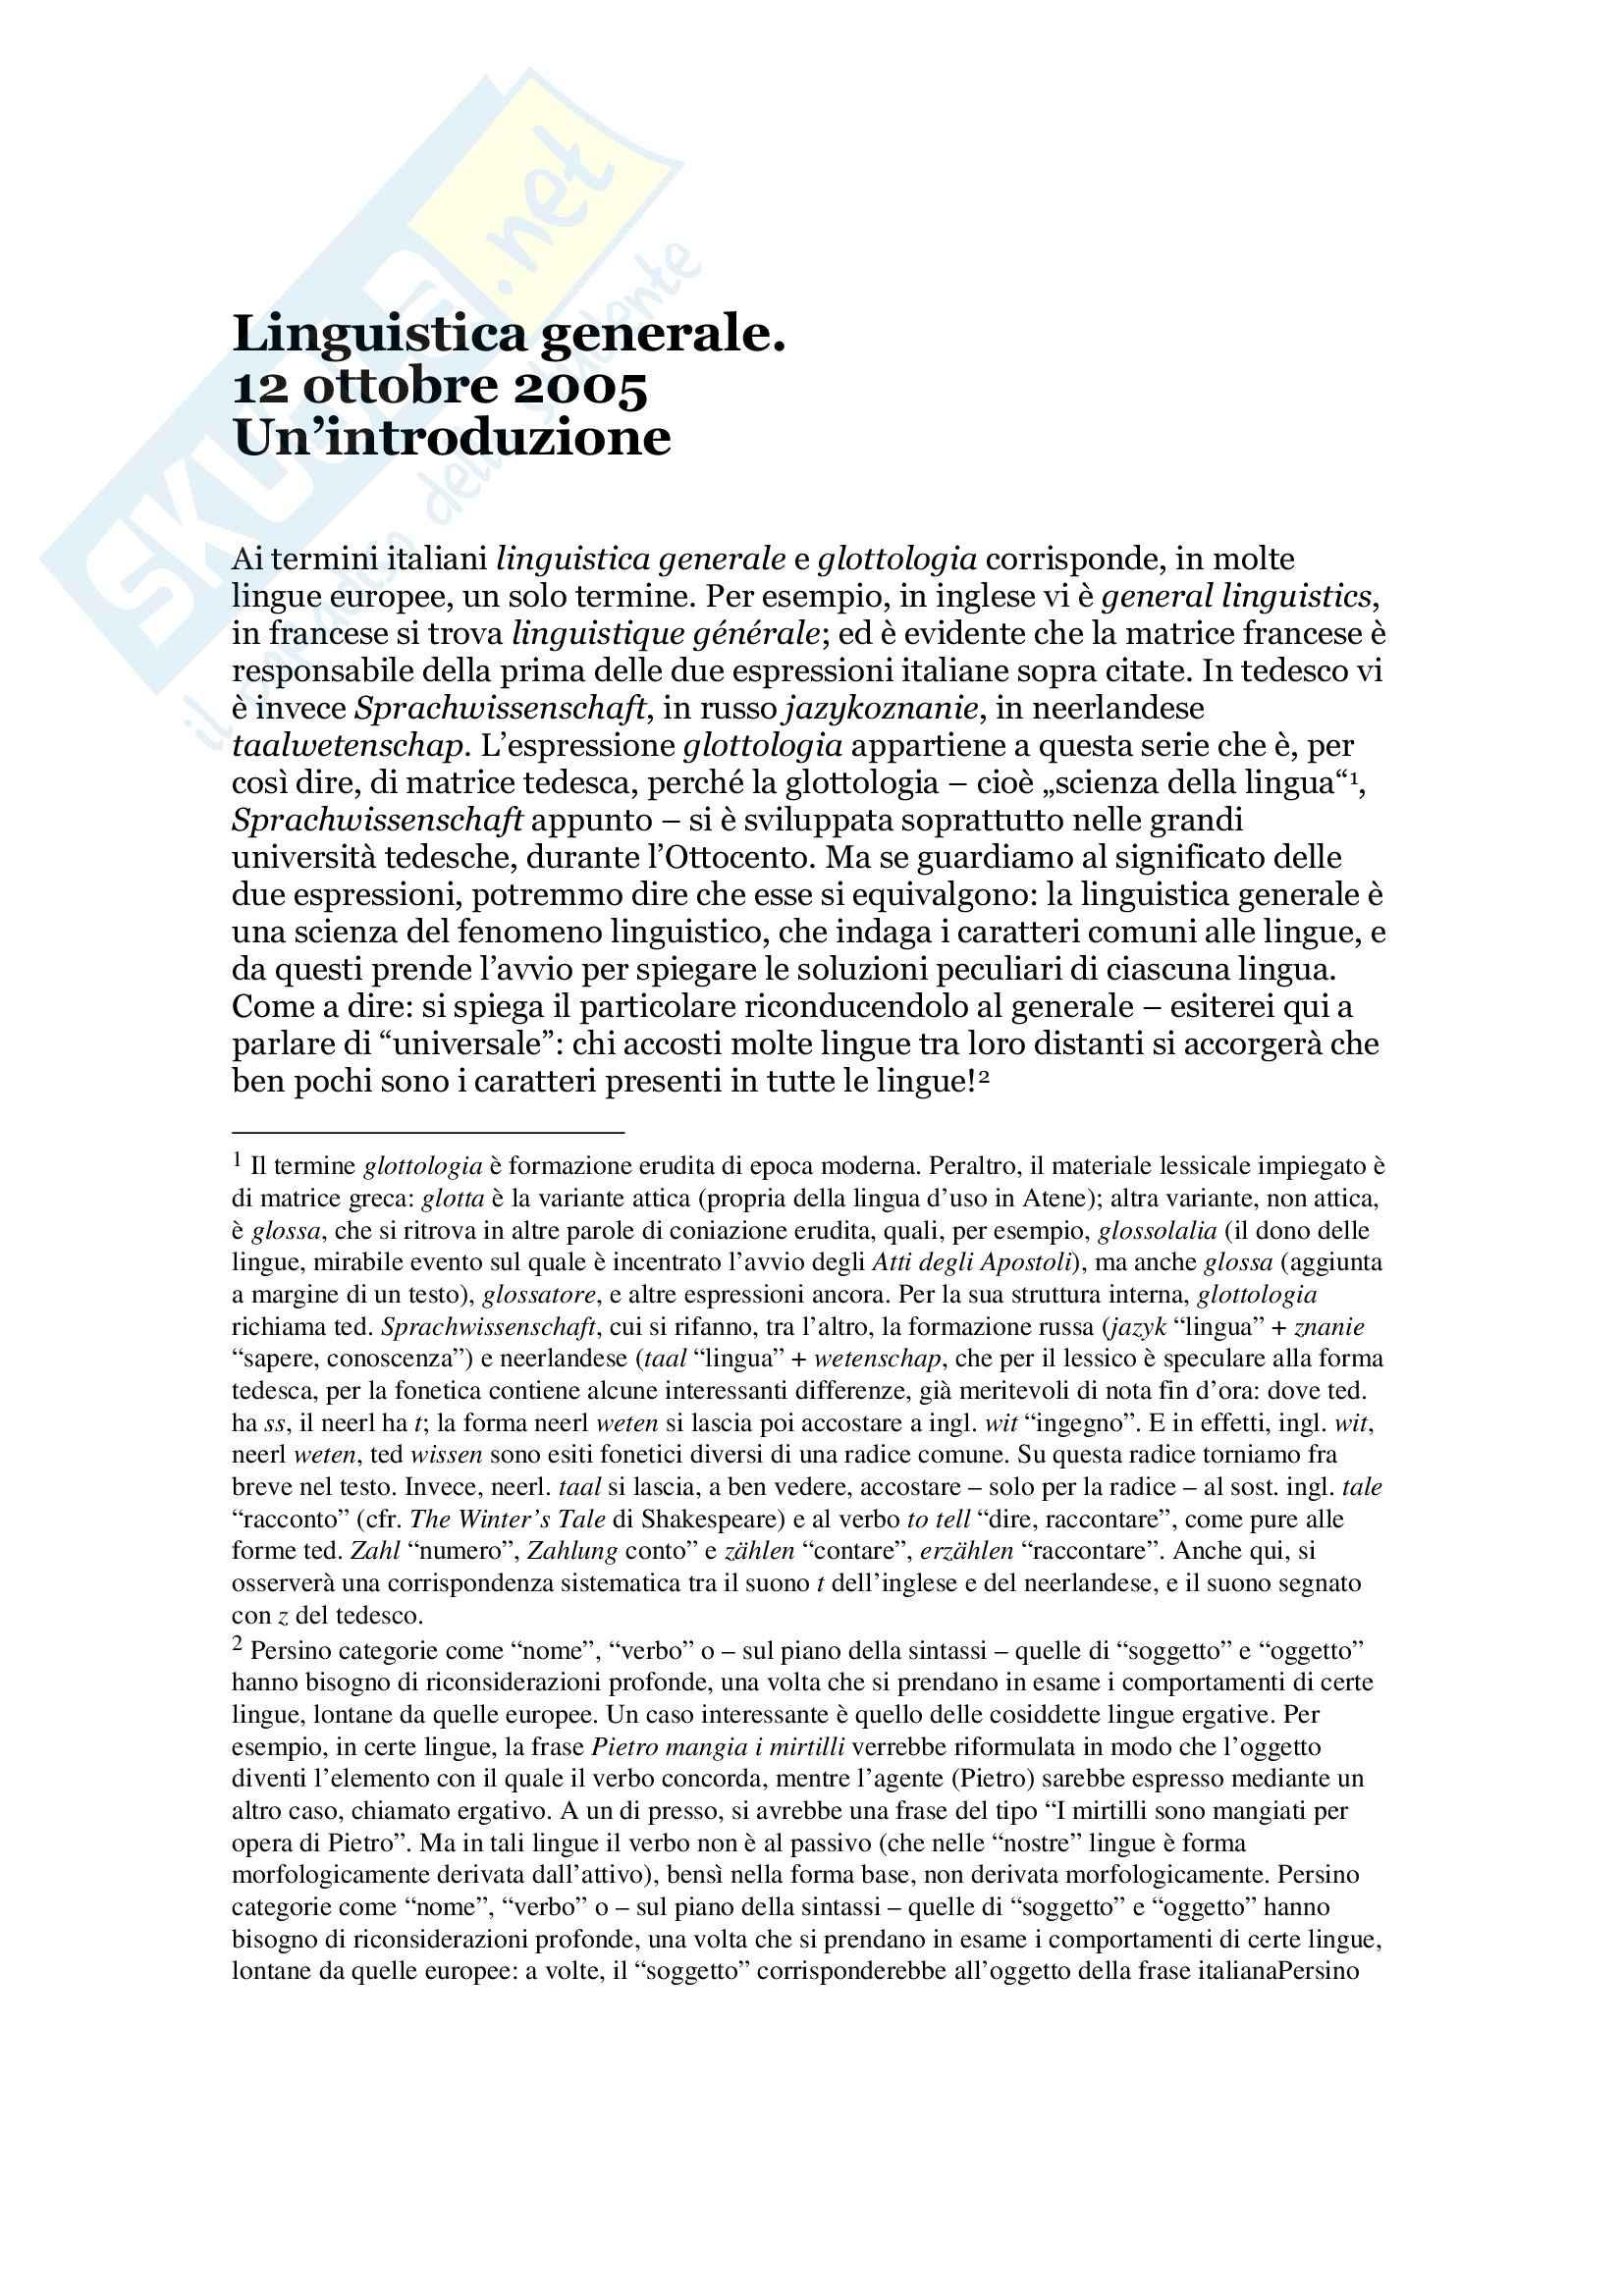 Linguistica generale - introduzione